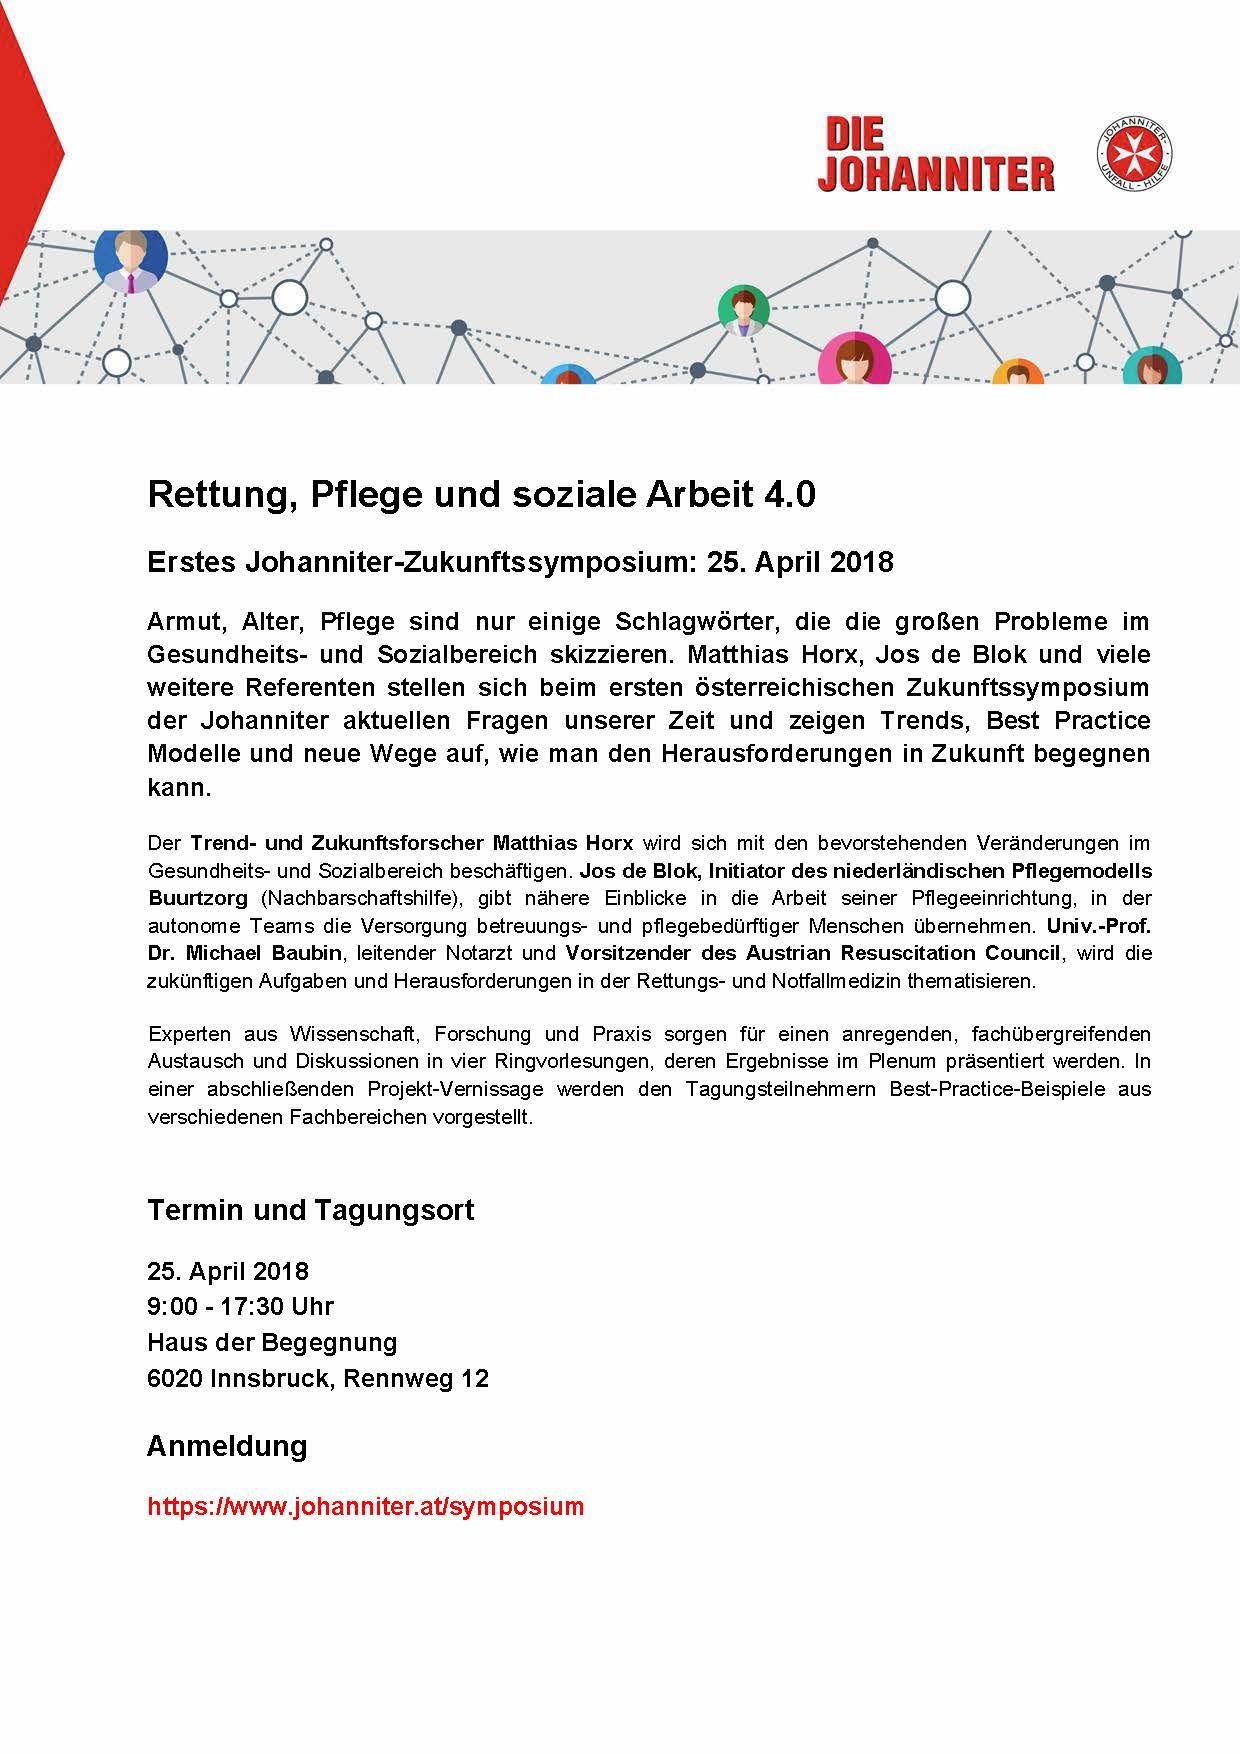 Rettung, Pflege und soziale Arbeit 4.0 - 1. Johanniter-Zukunftssymposium